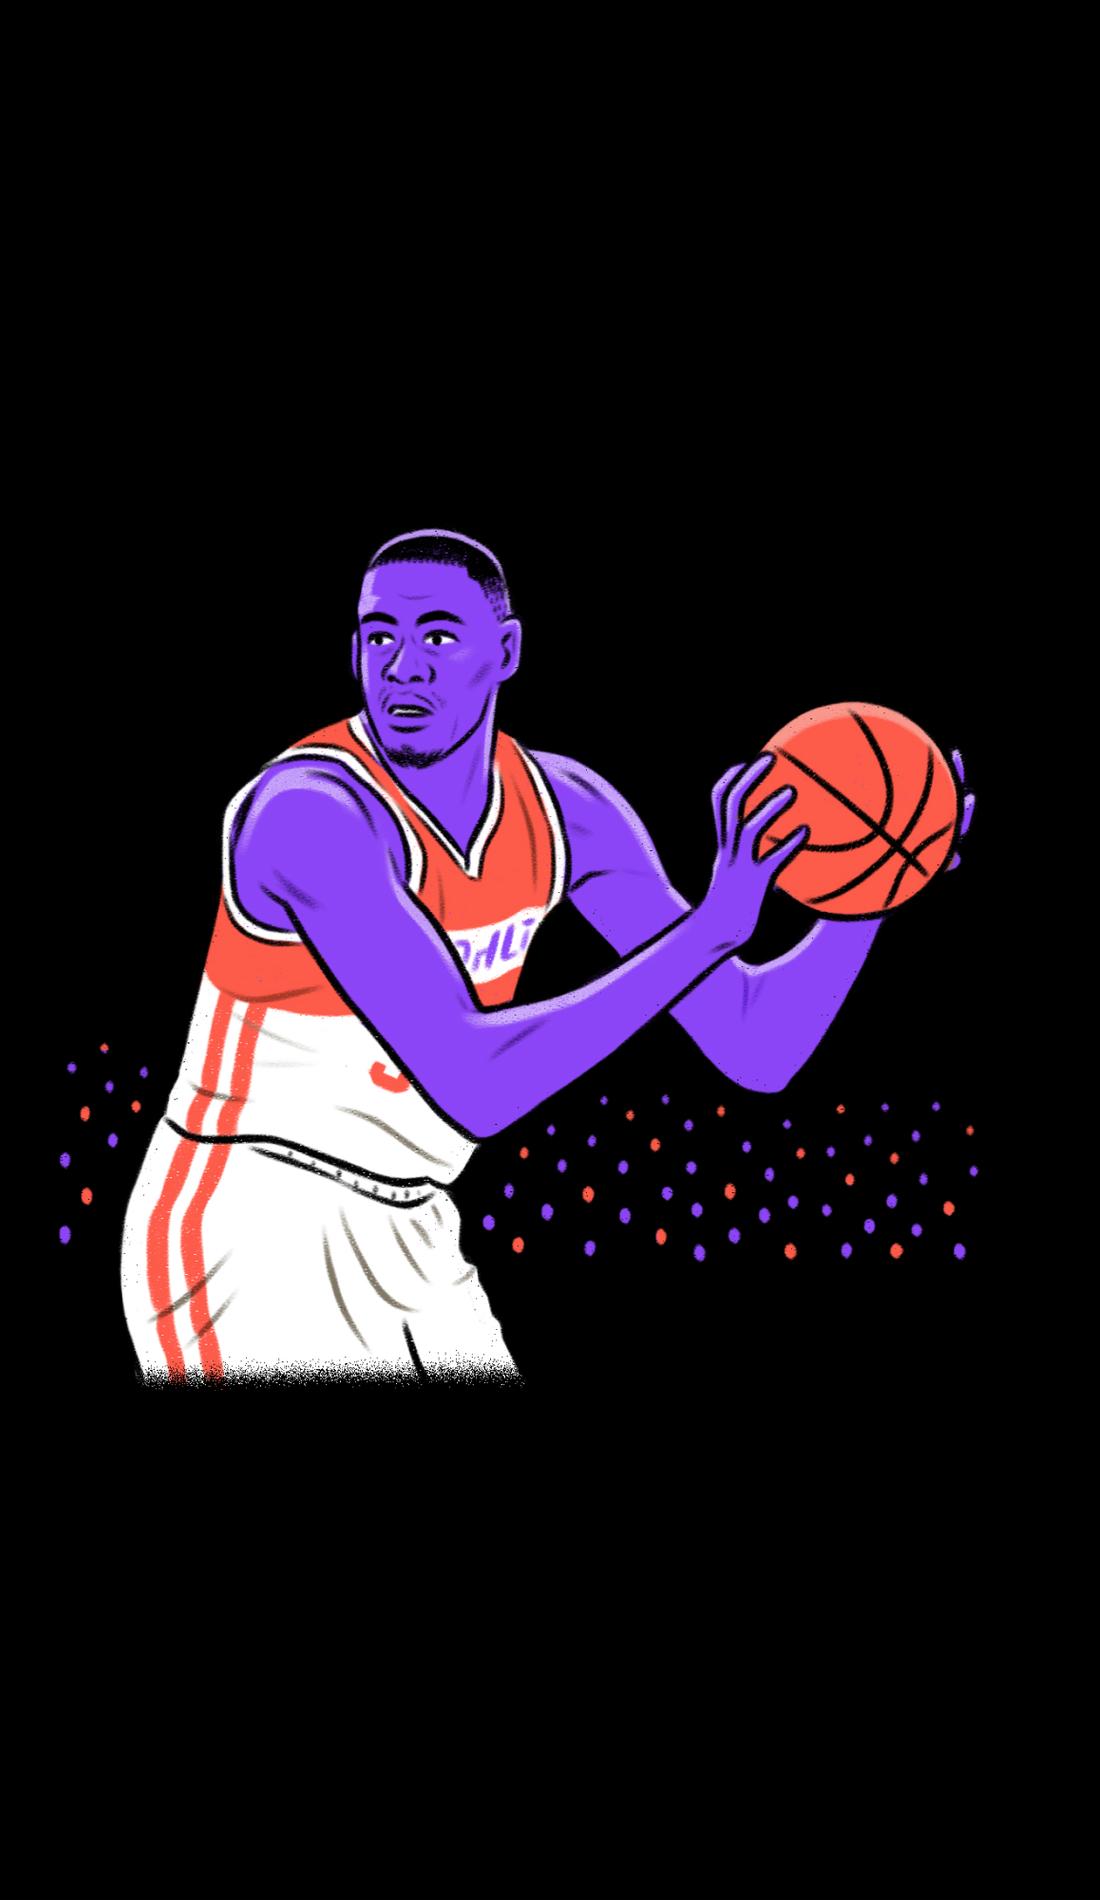 A Little Rock Trojans Basketball live event